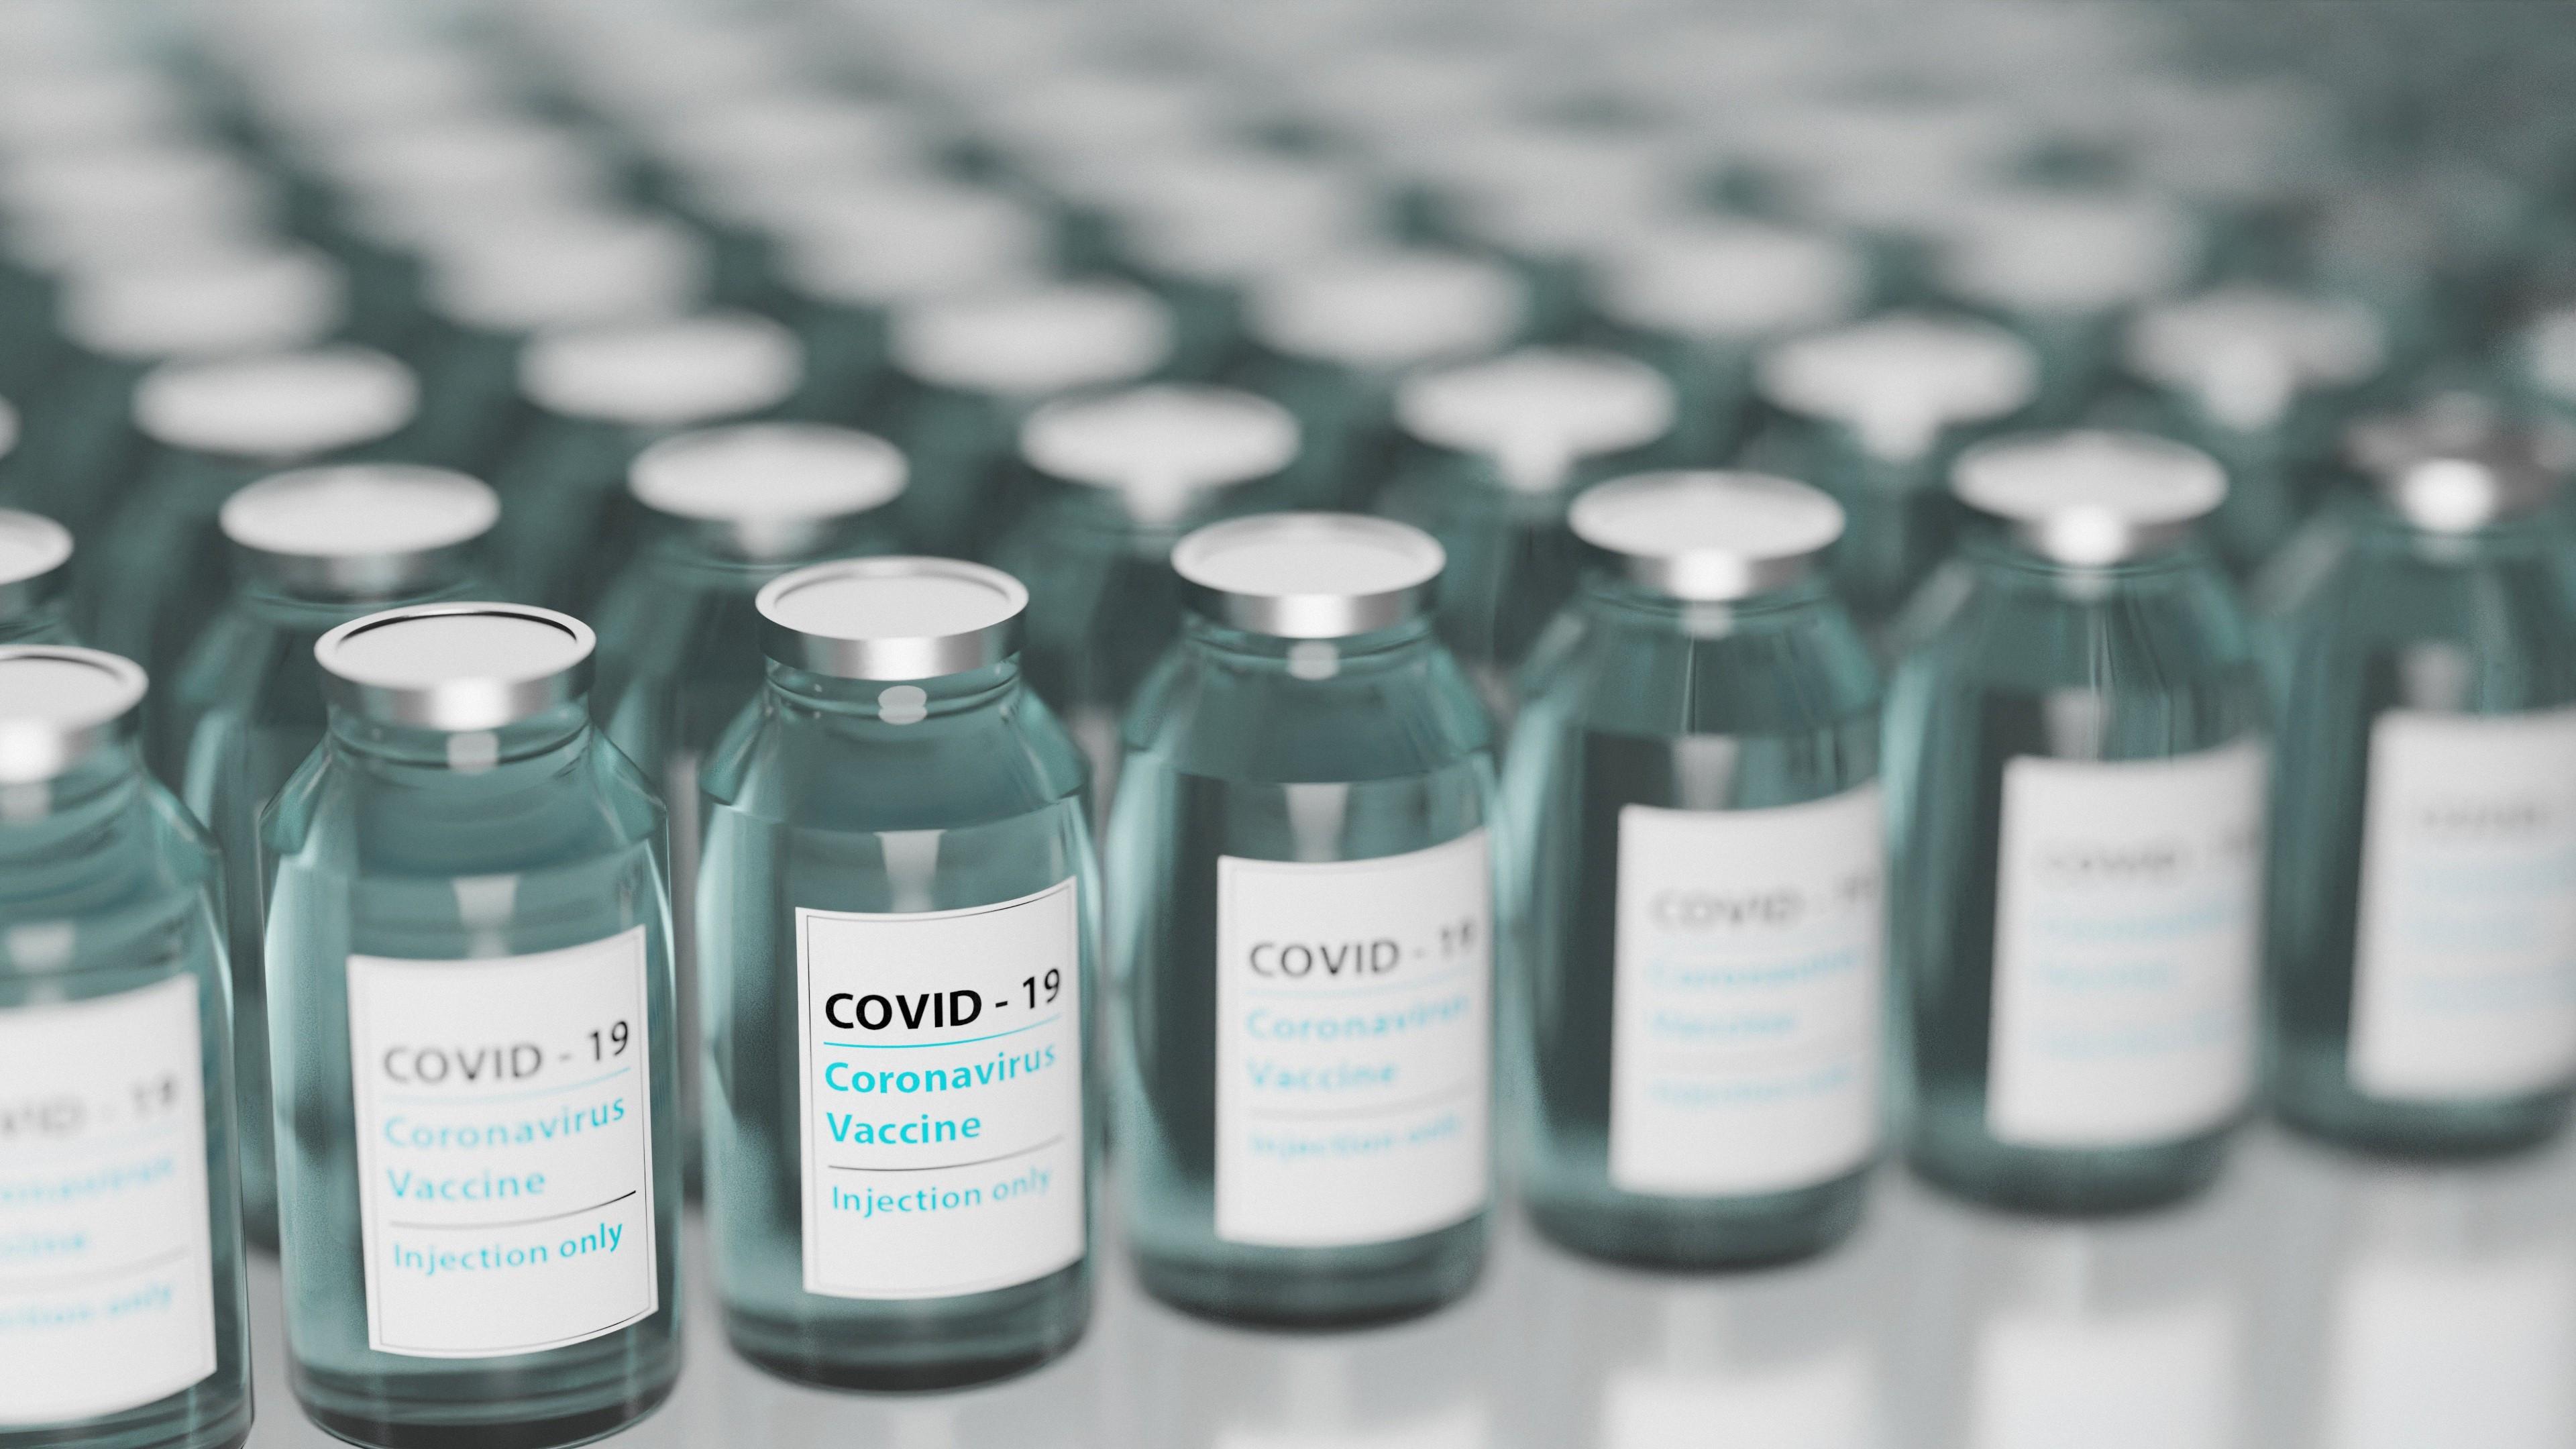 ▲▼ 疫苗。(示意圖/圖取自Pixabay圖庫)